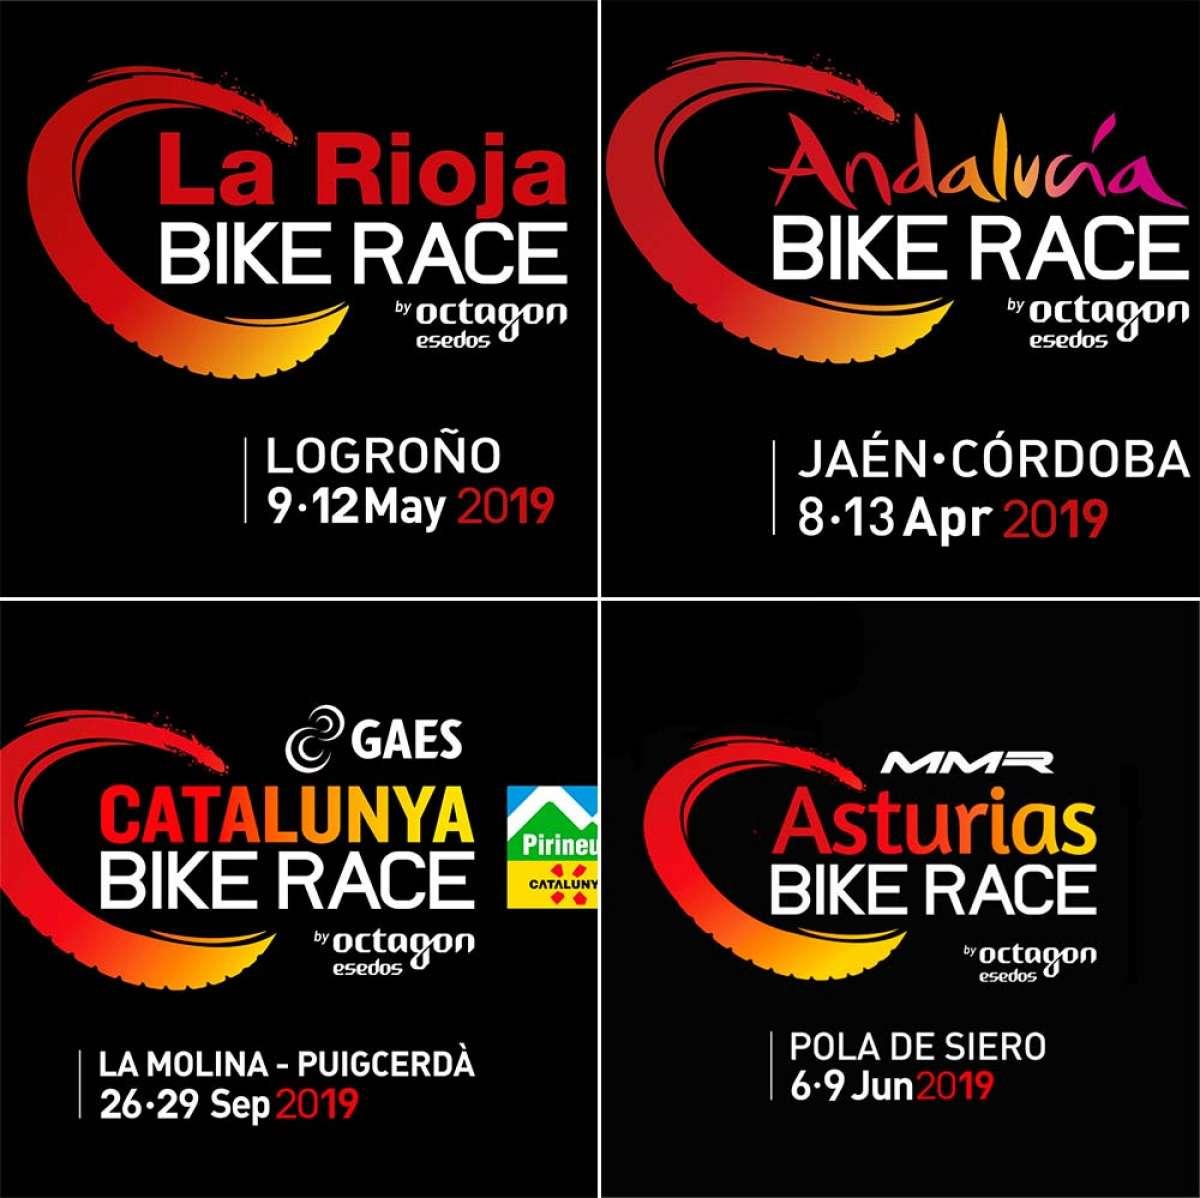 La Catalunya Bike Race y La Rioja Bike Race de 2019 tendrán cuatro etapas y categoría UCI XCS 2